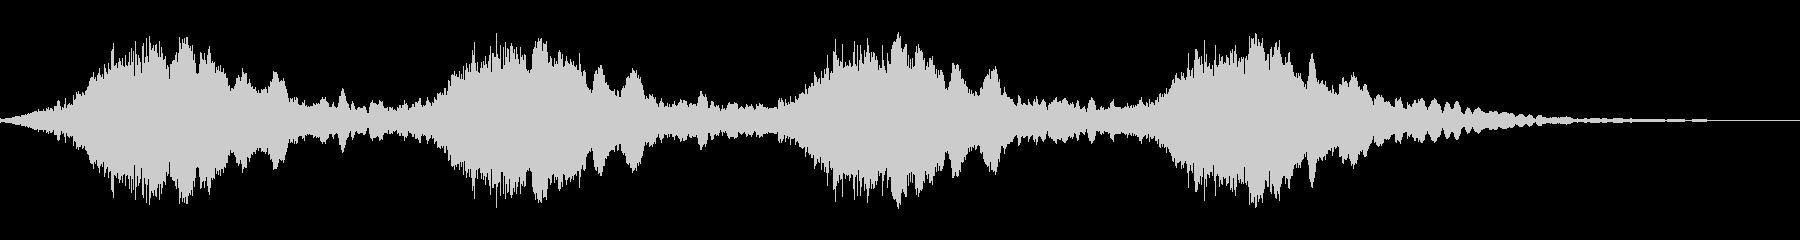 警報音(電子音)の未再生の波形